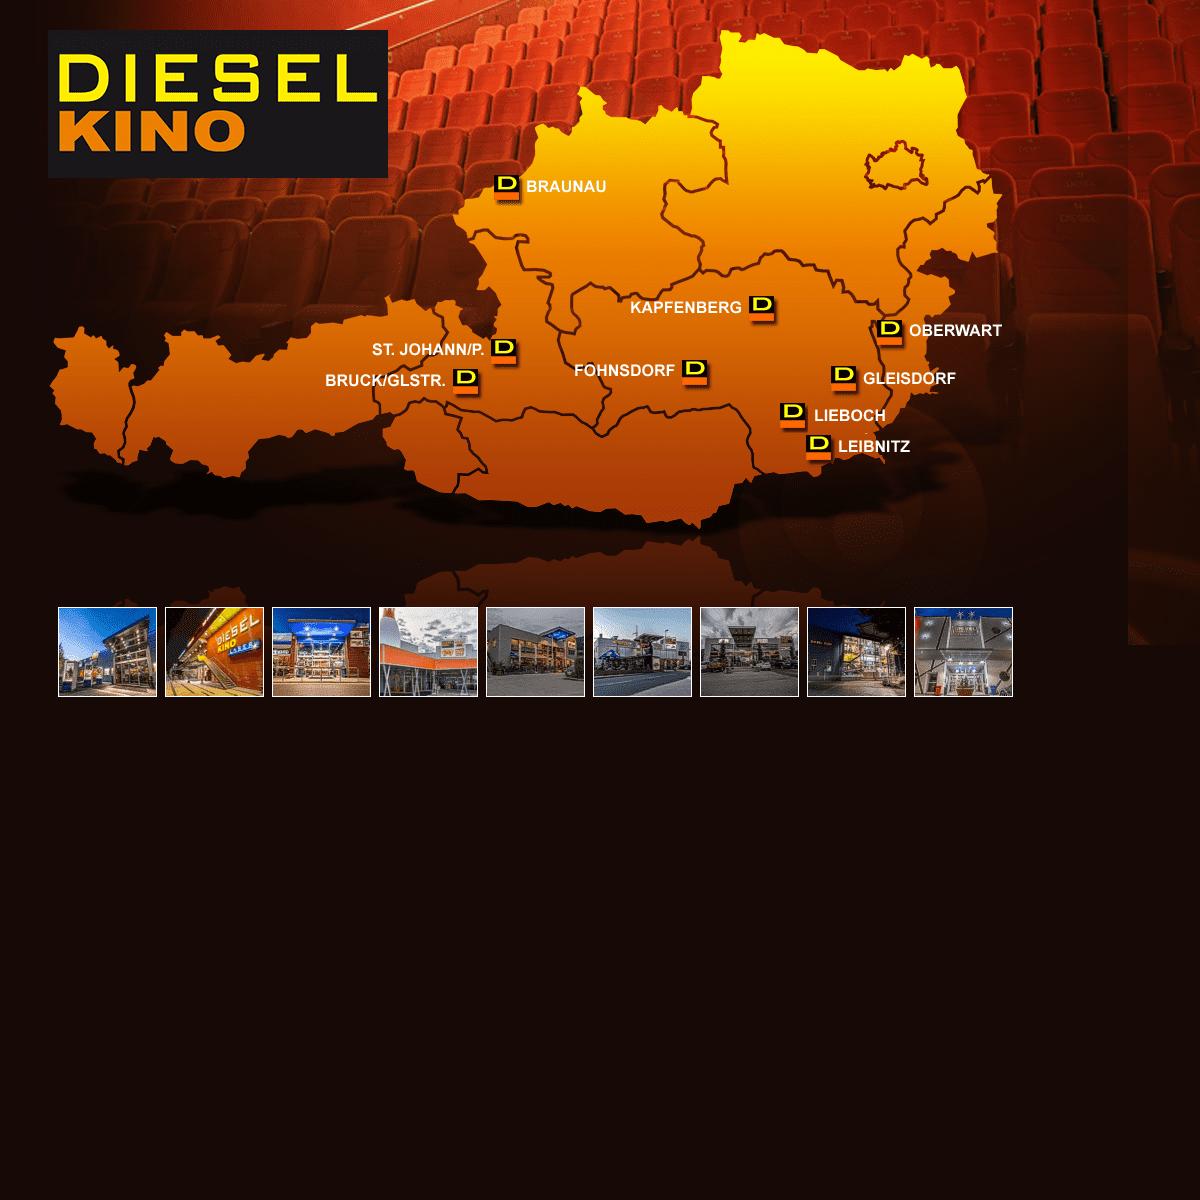 - Dieselkino 9x in Österreich